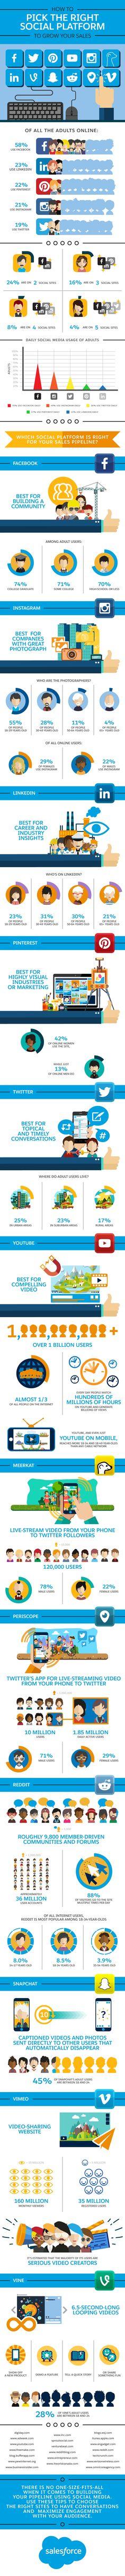 Elige la mejor plataforma para tu marca, conoce los perfiles de los usuarios que las utilizan. Infografía en inglés. #CommunityManager